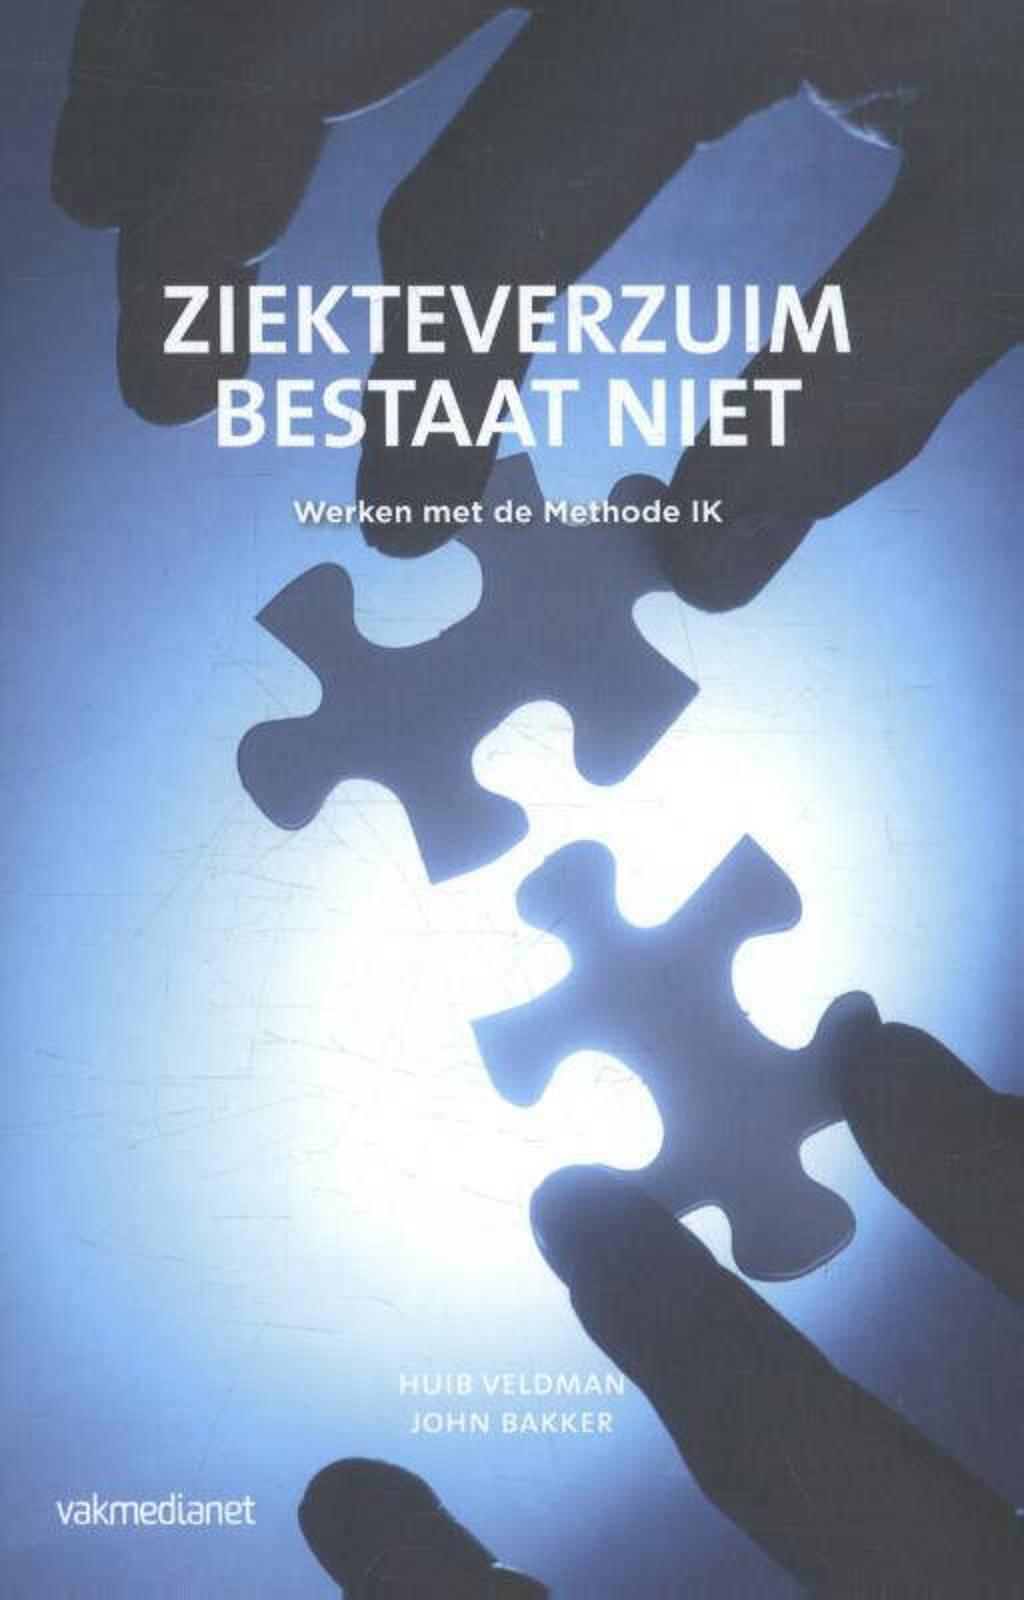 Ziekteverzuim bestaat niet - Huib Veldman en John Bakker